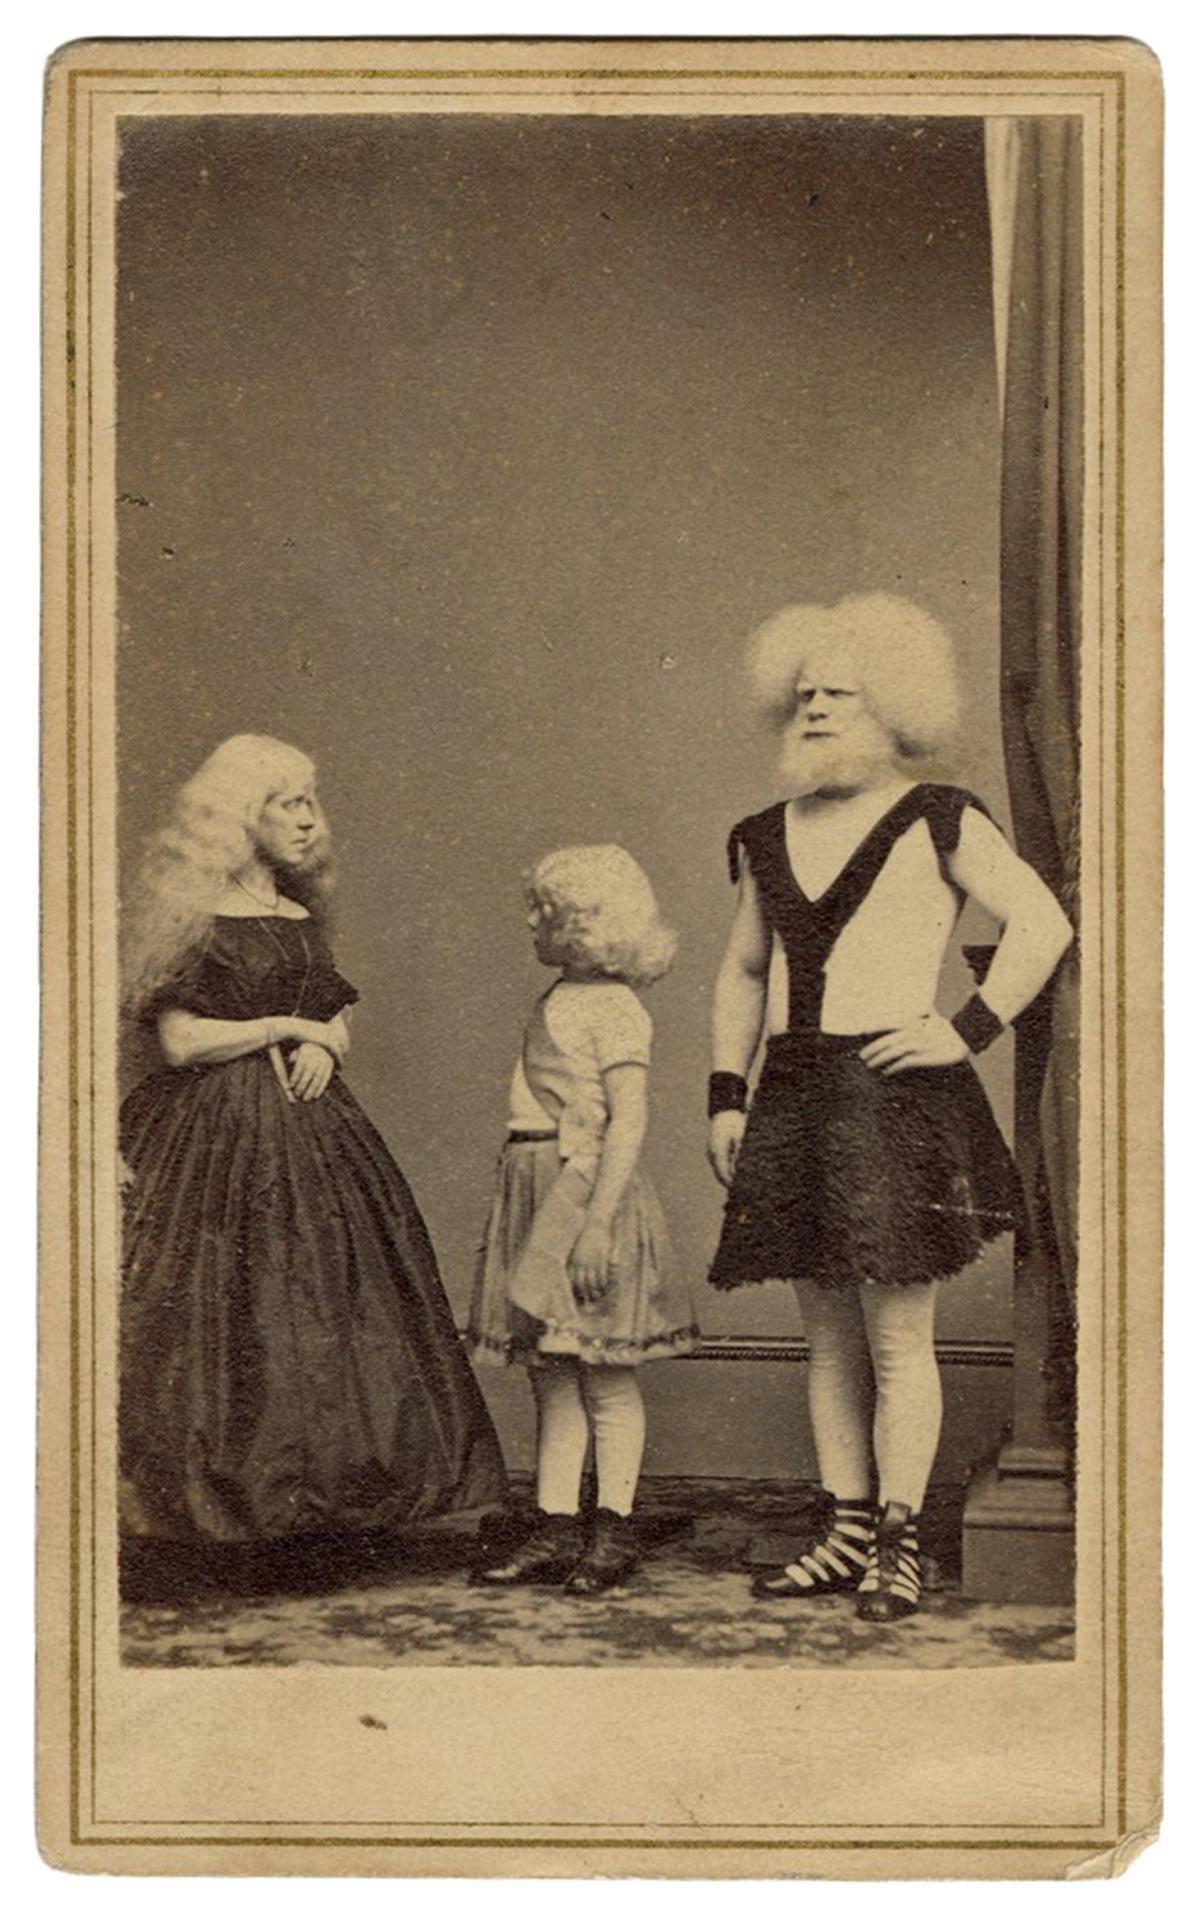 Eliophobus Family of Albinos CDV. New York: E. & H.T.